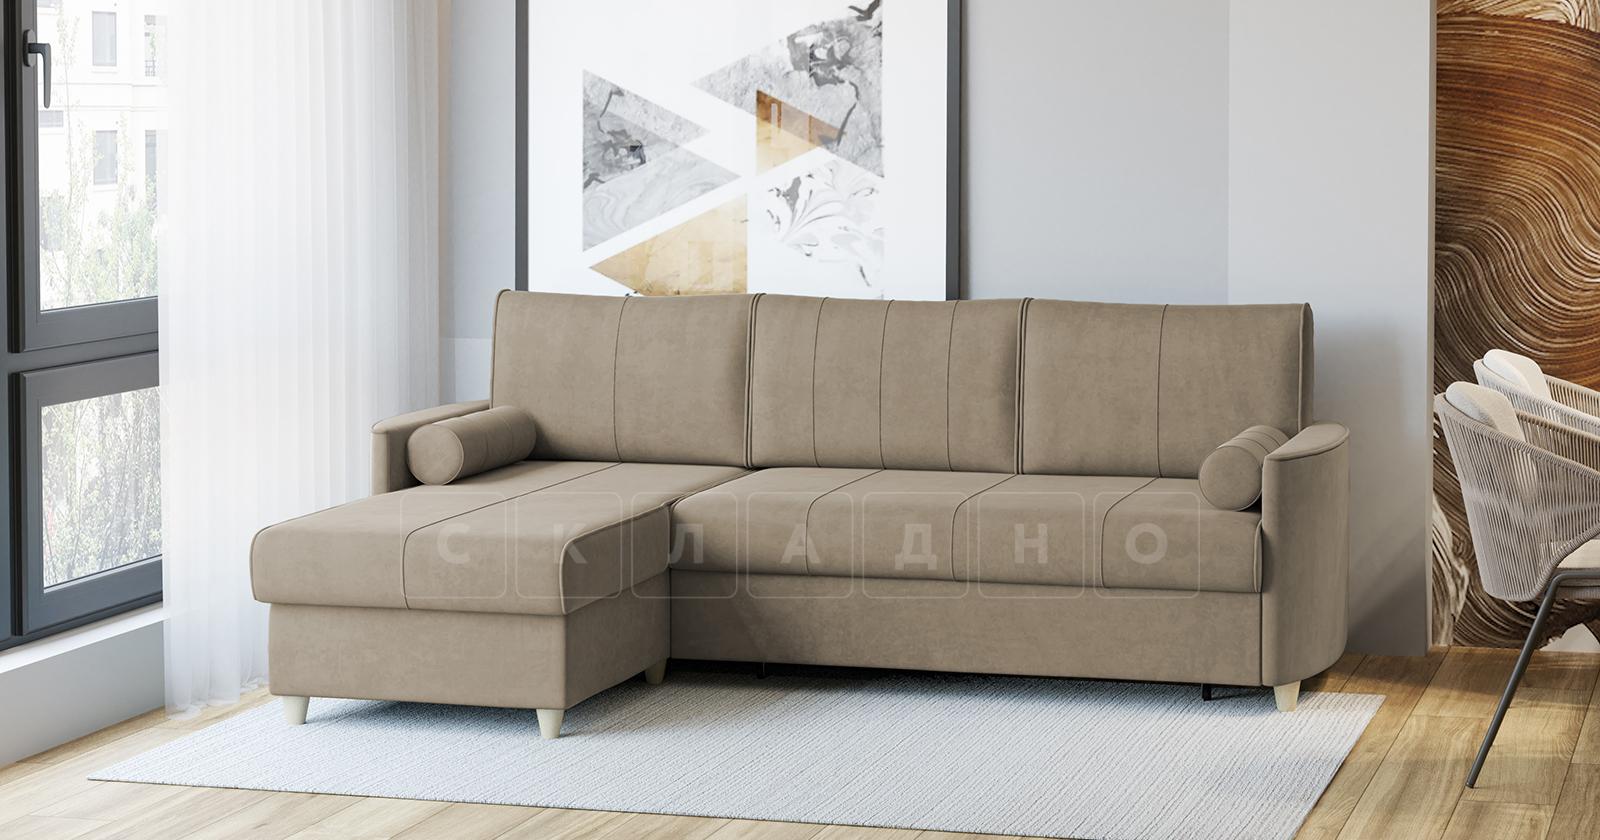 Угловой диван Лорен песочный фото 2 | интернет-магазин Складно